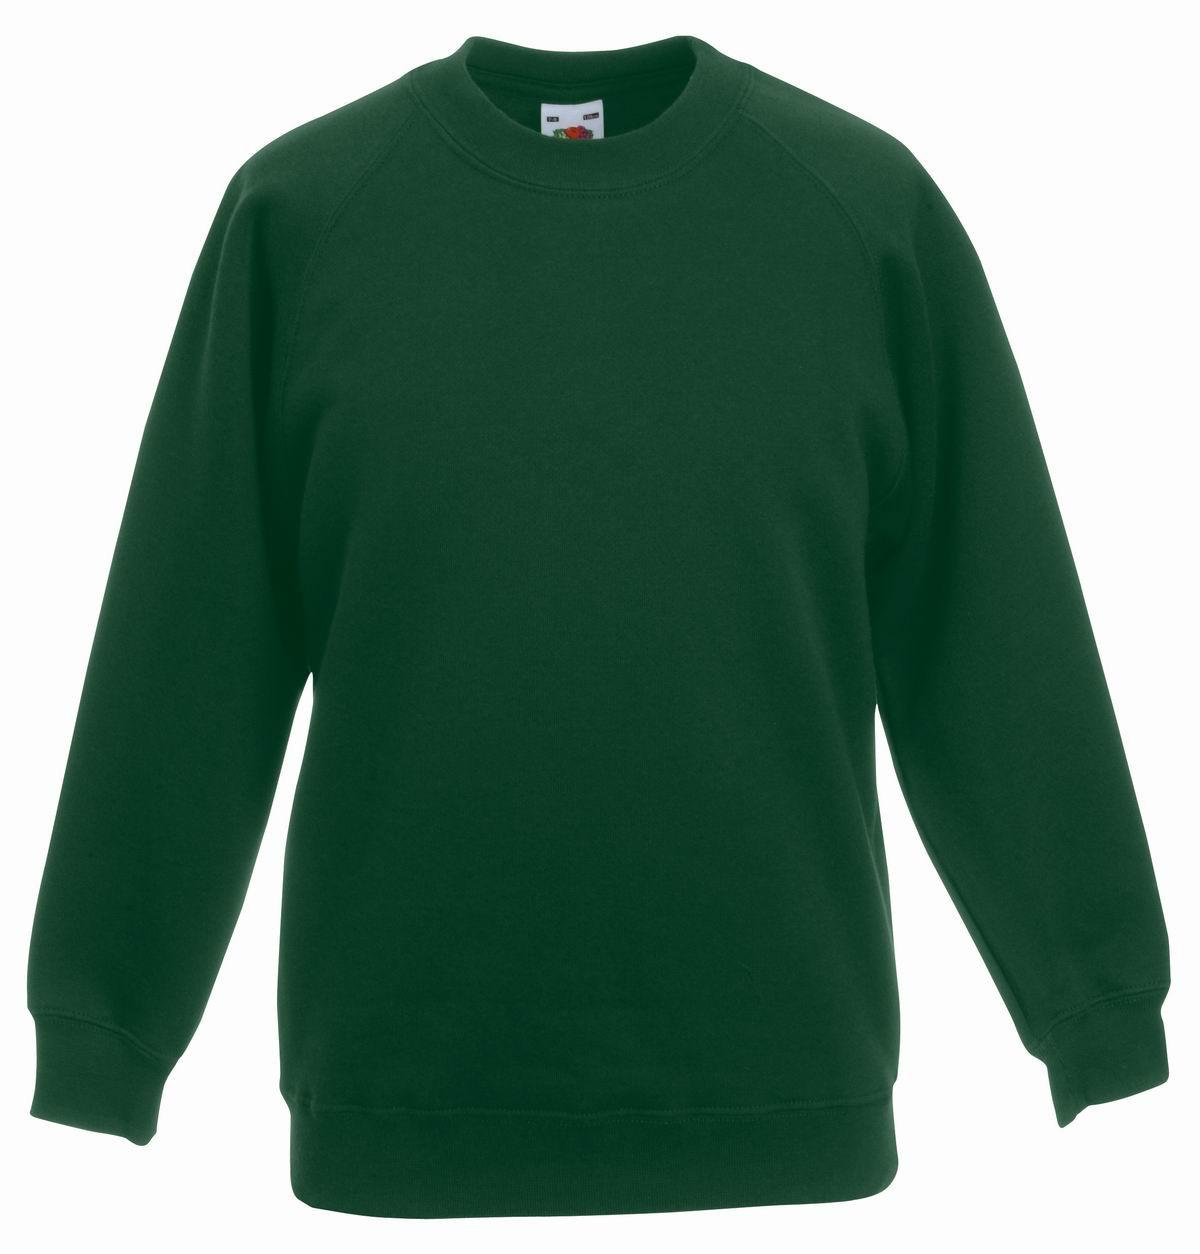 Толстовка детская Classic Kids Raglan Sweat, рост 164 (14-15лет), Тёмно-зелёный (бутылочный)